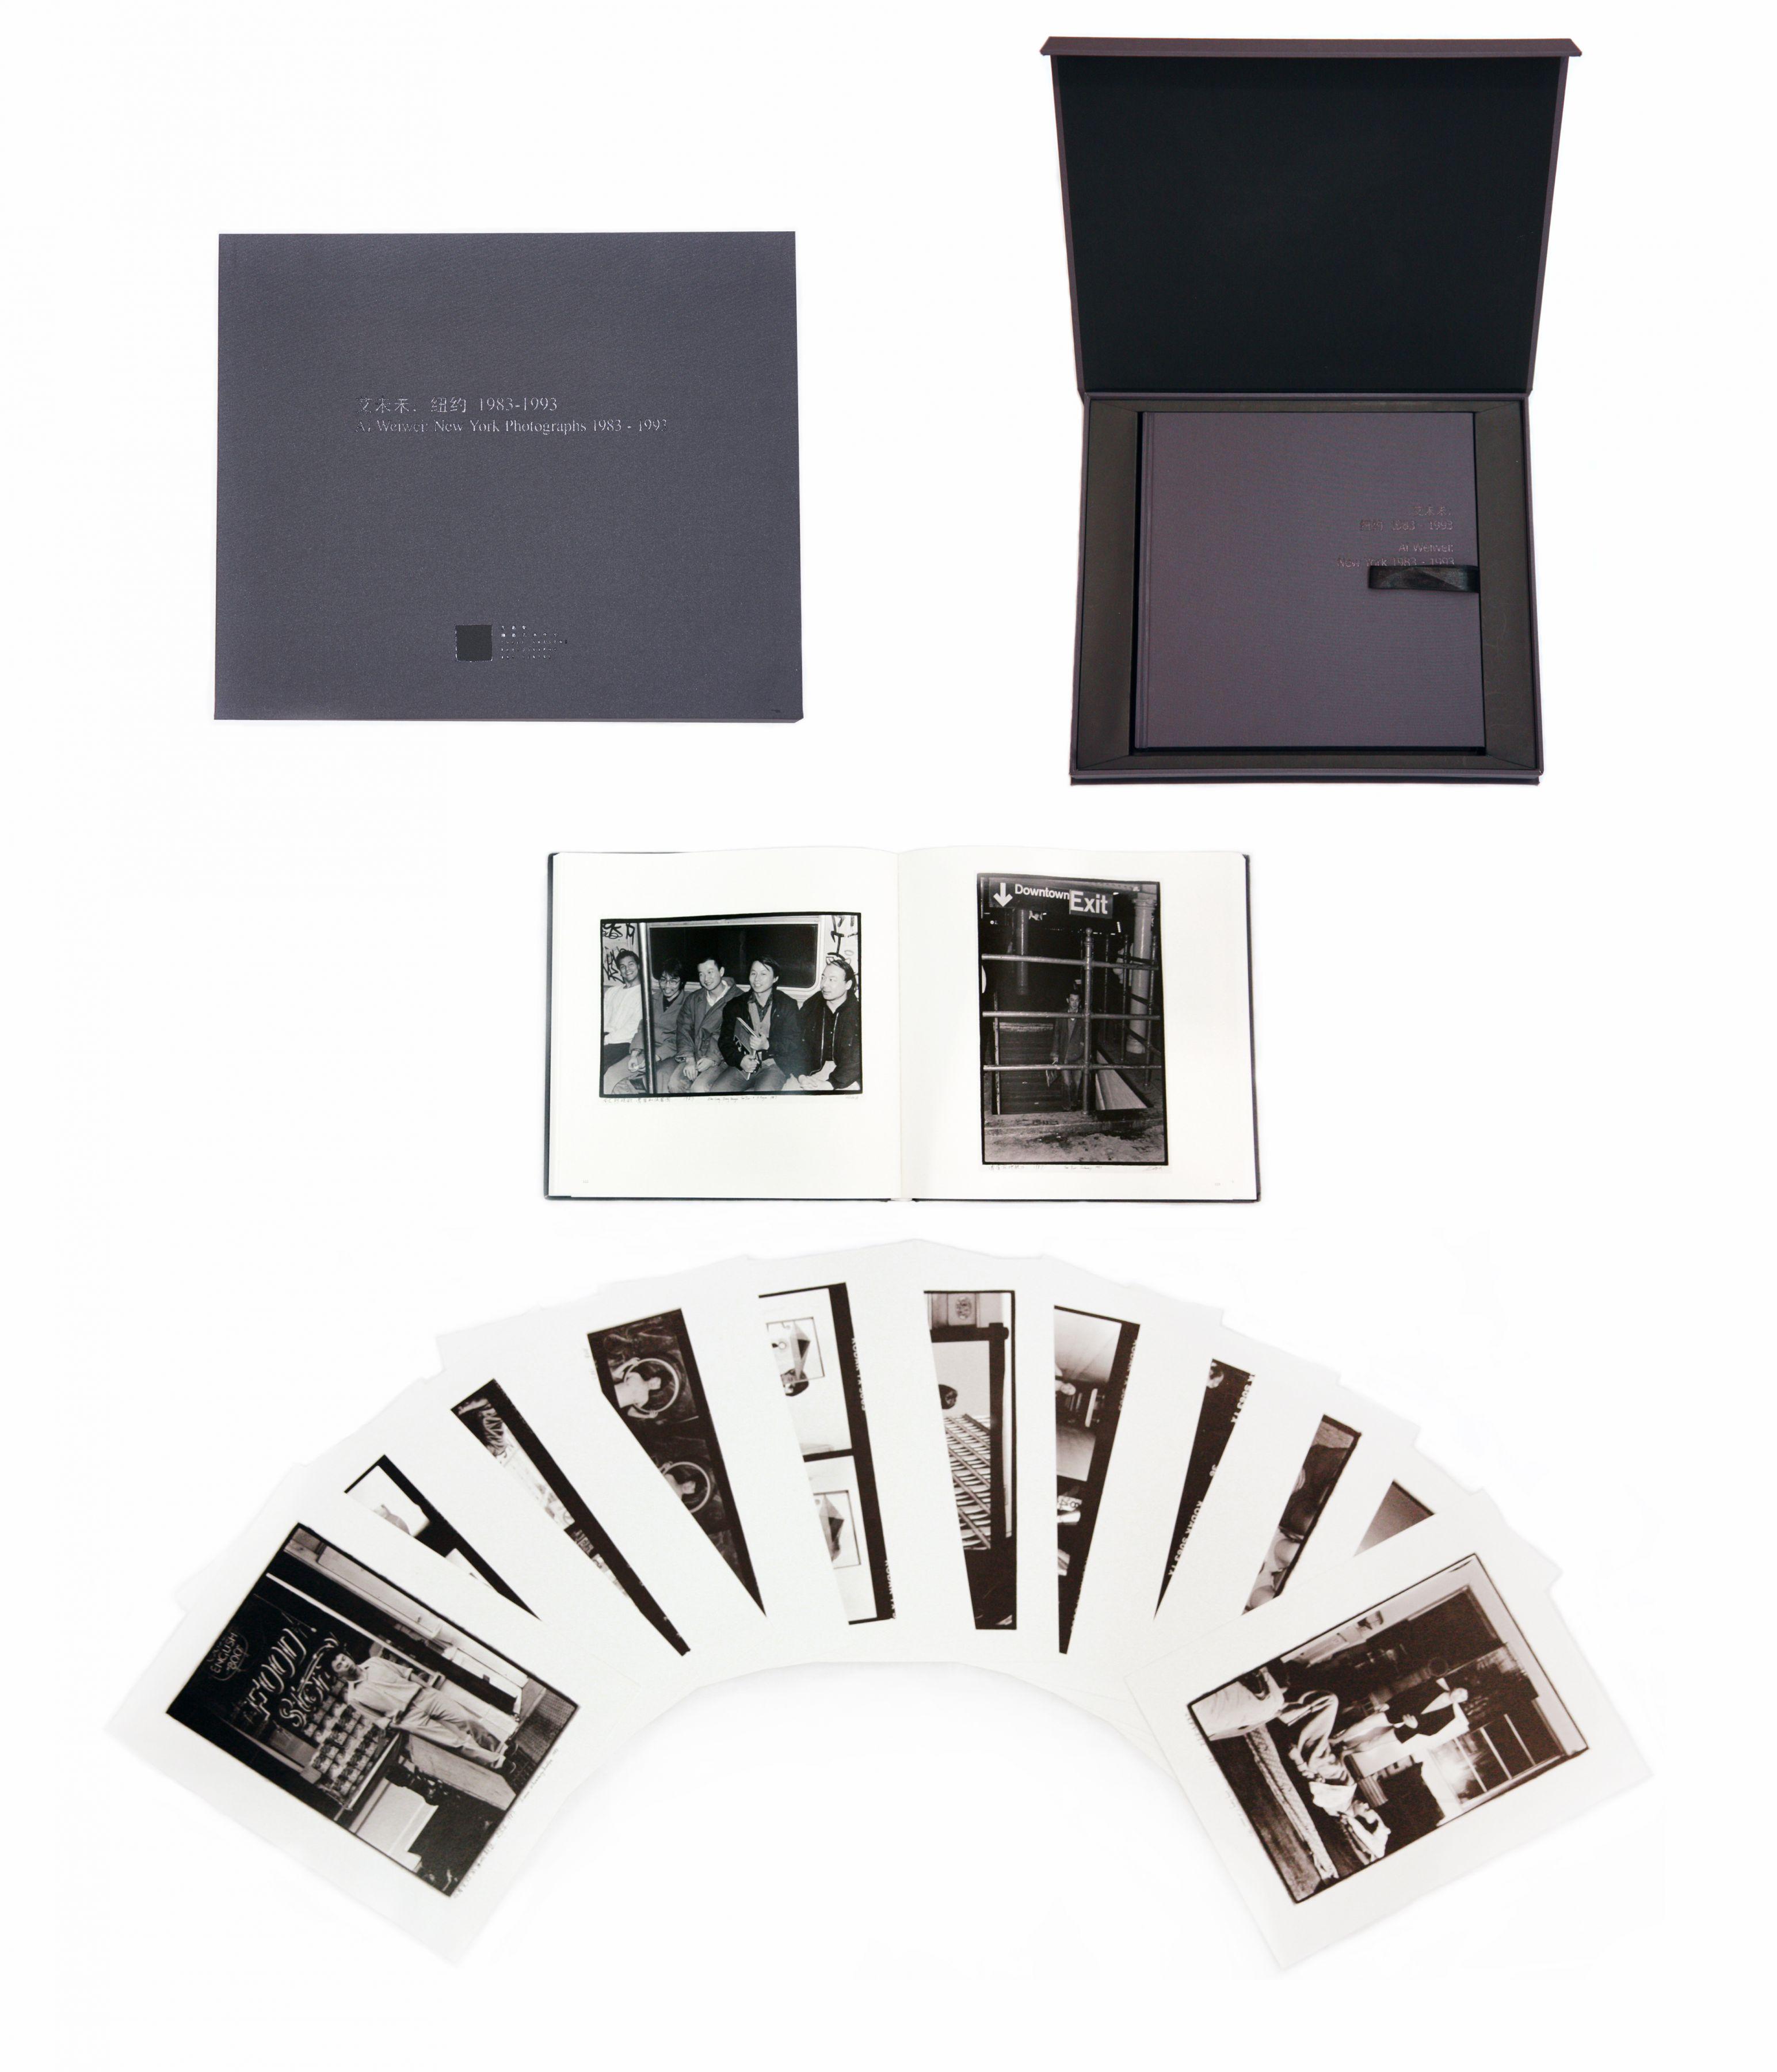 Ai Weiwei 艾未未 (b. 1957), Ai Weiwei: New York Photographs 1983 – 1993 艾未未:纽约1983–1993